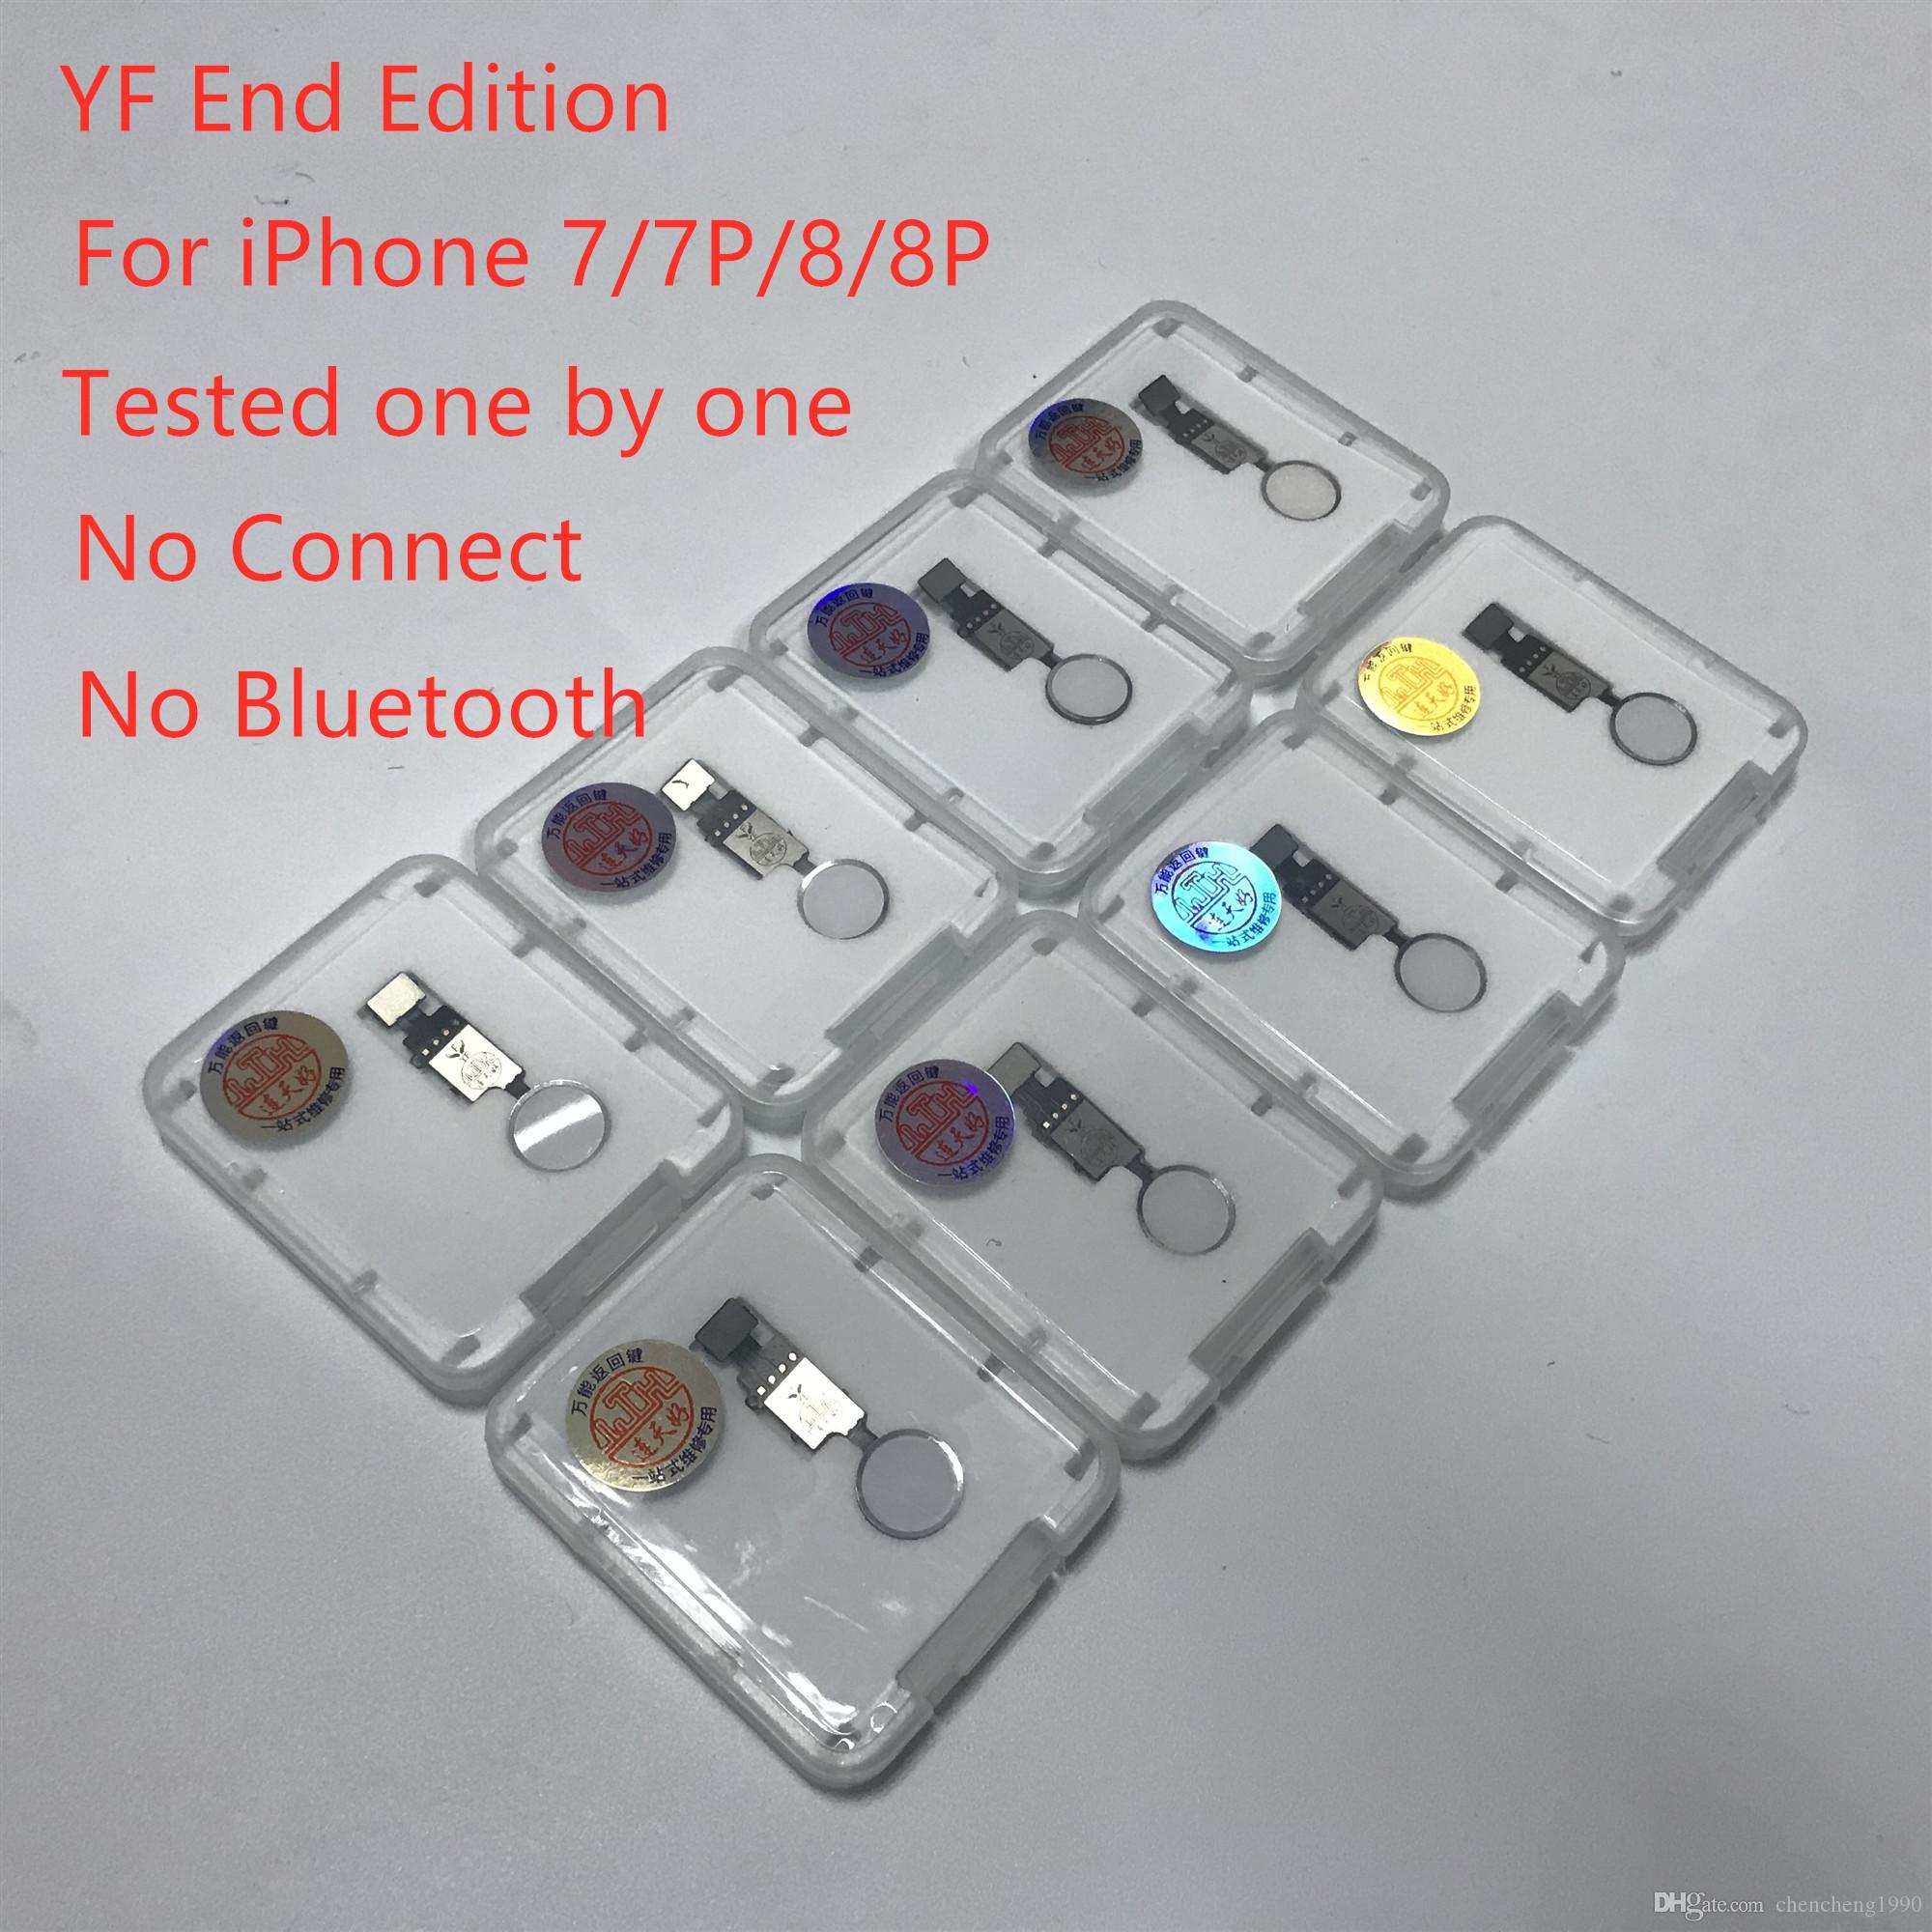 più nuova di vendita della fabbrica di New YF Fine Edizione Universal Home Button ritorno iPhone Key ID cavo della flessione No Touch per 7/7 Plus / 8g / 8 più